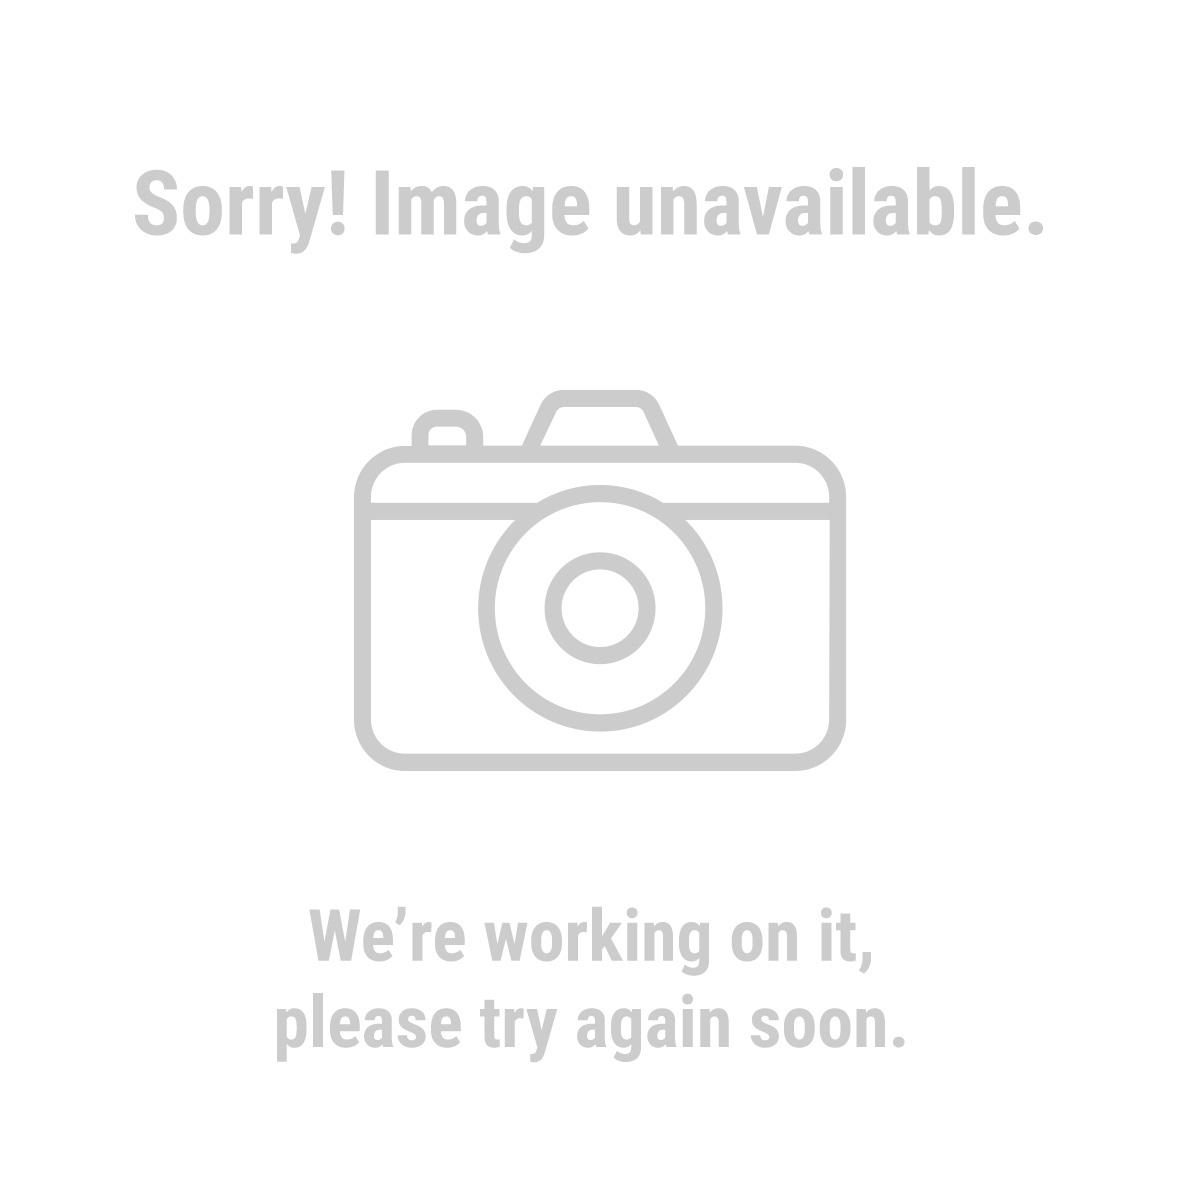 HARDY 61987 Polypropylene Coated Cotton Knit Work Gloves 6 Pr